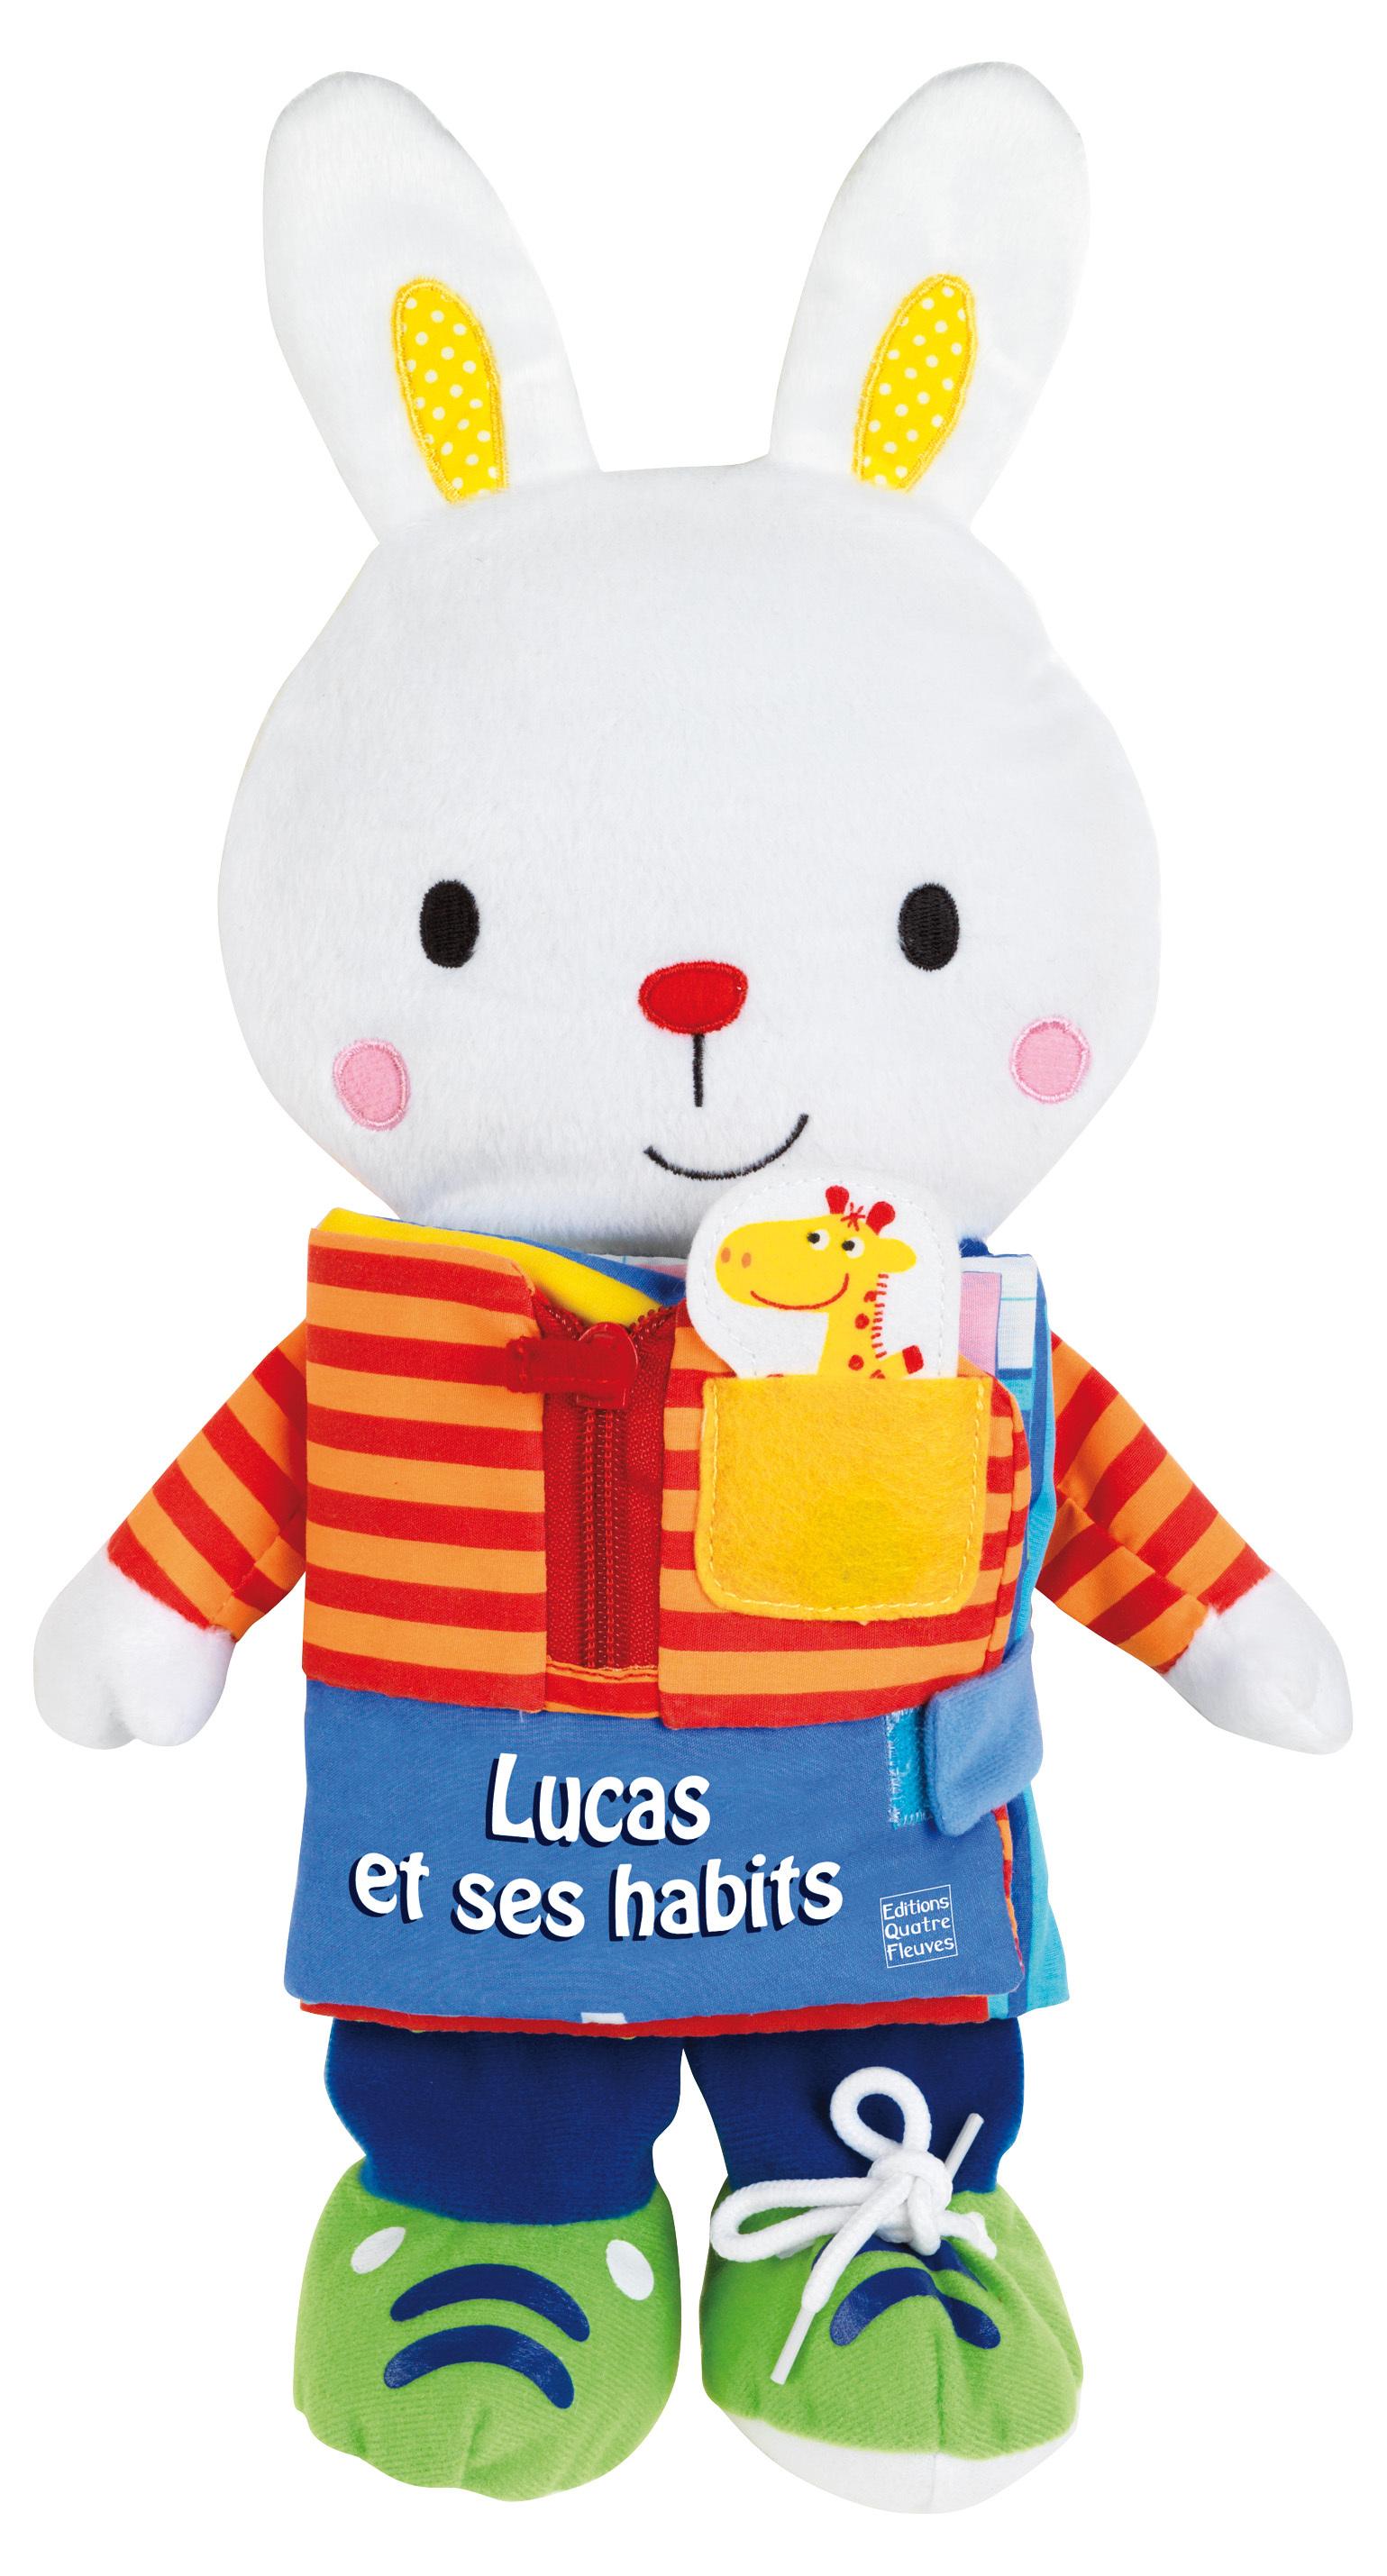 LUCAS ET SES HABITS